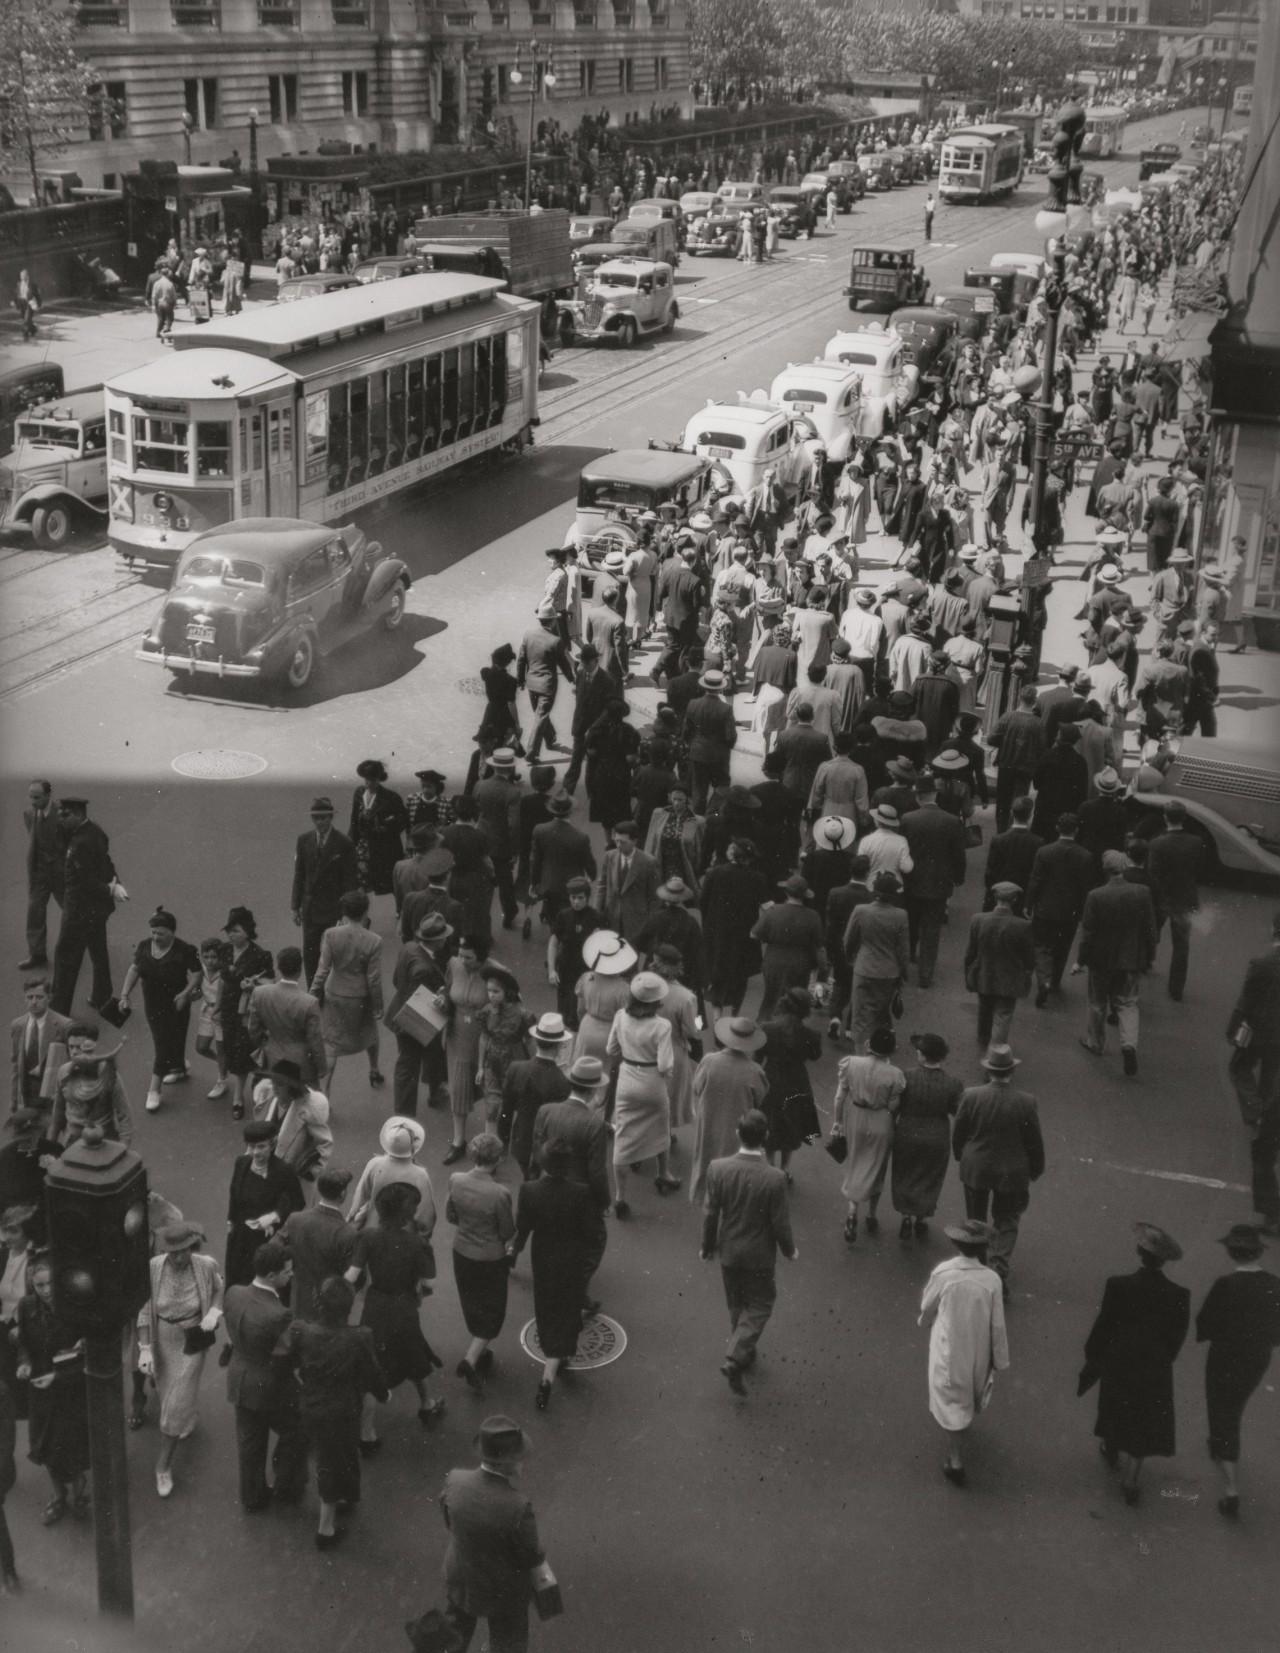 Ритм Сити II, Пятая авеню, 13 мая 1938. Автор Беренис Эббот